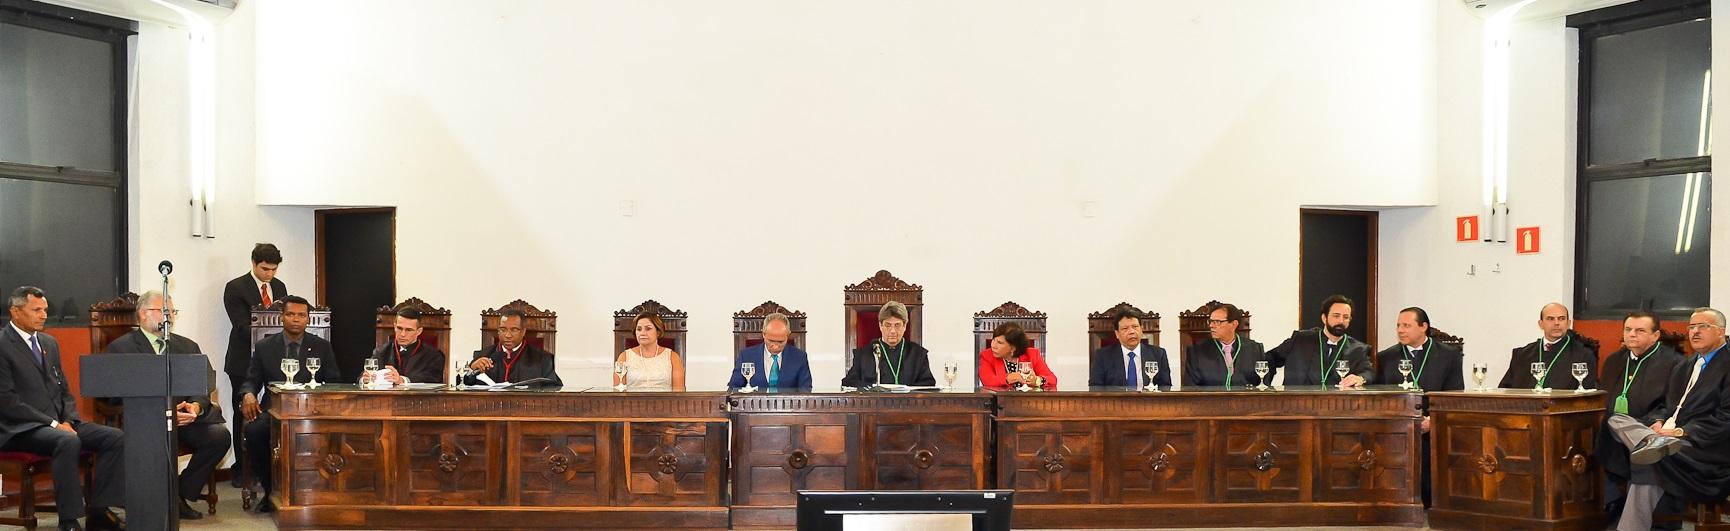 2016-02-18_Posse-procurador-geral-luciano-vieira-mesa